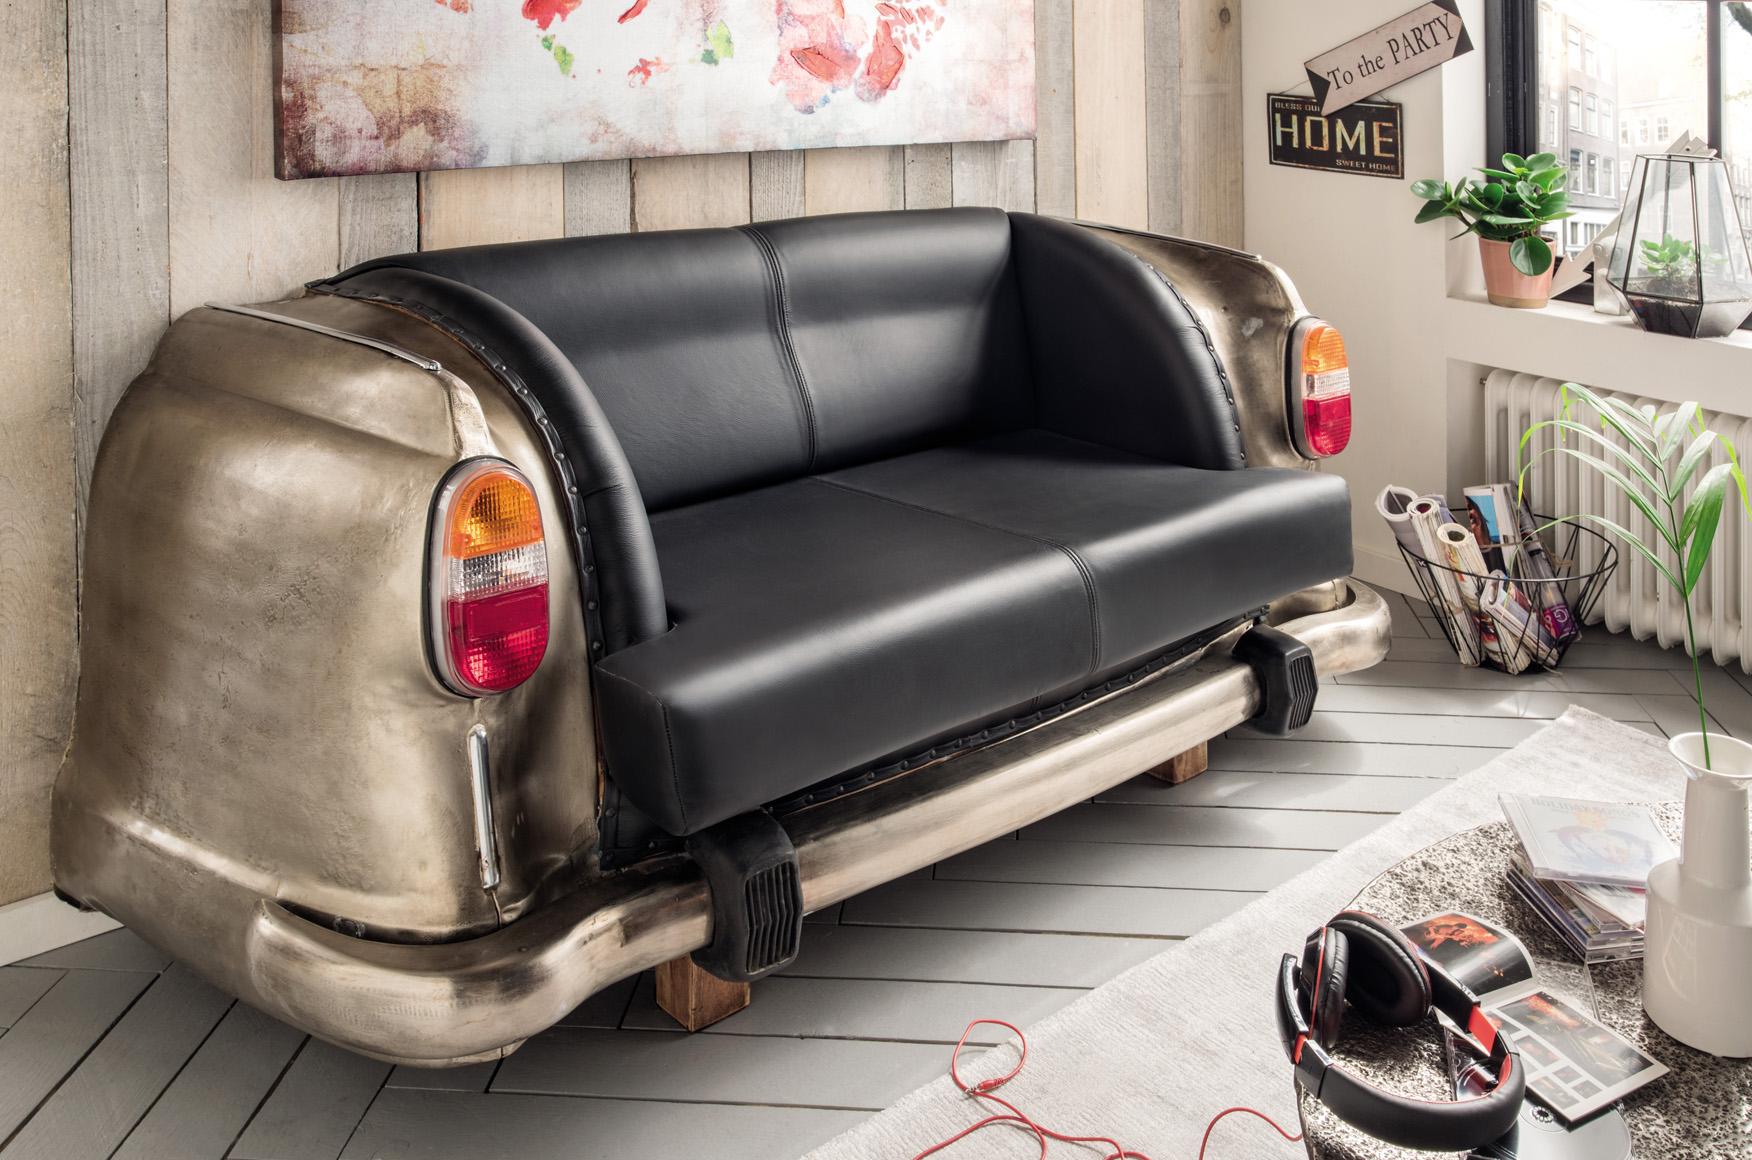 Sofa autosofa heck geflext coole deko for Besondere dekoartikel